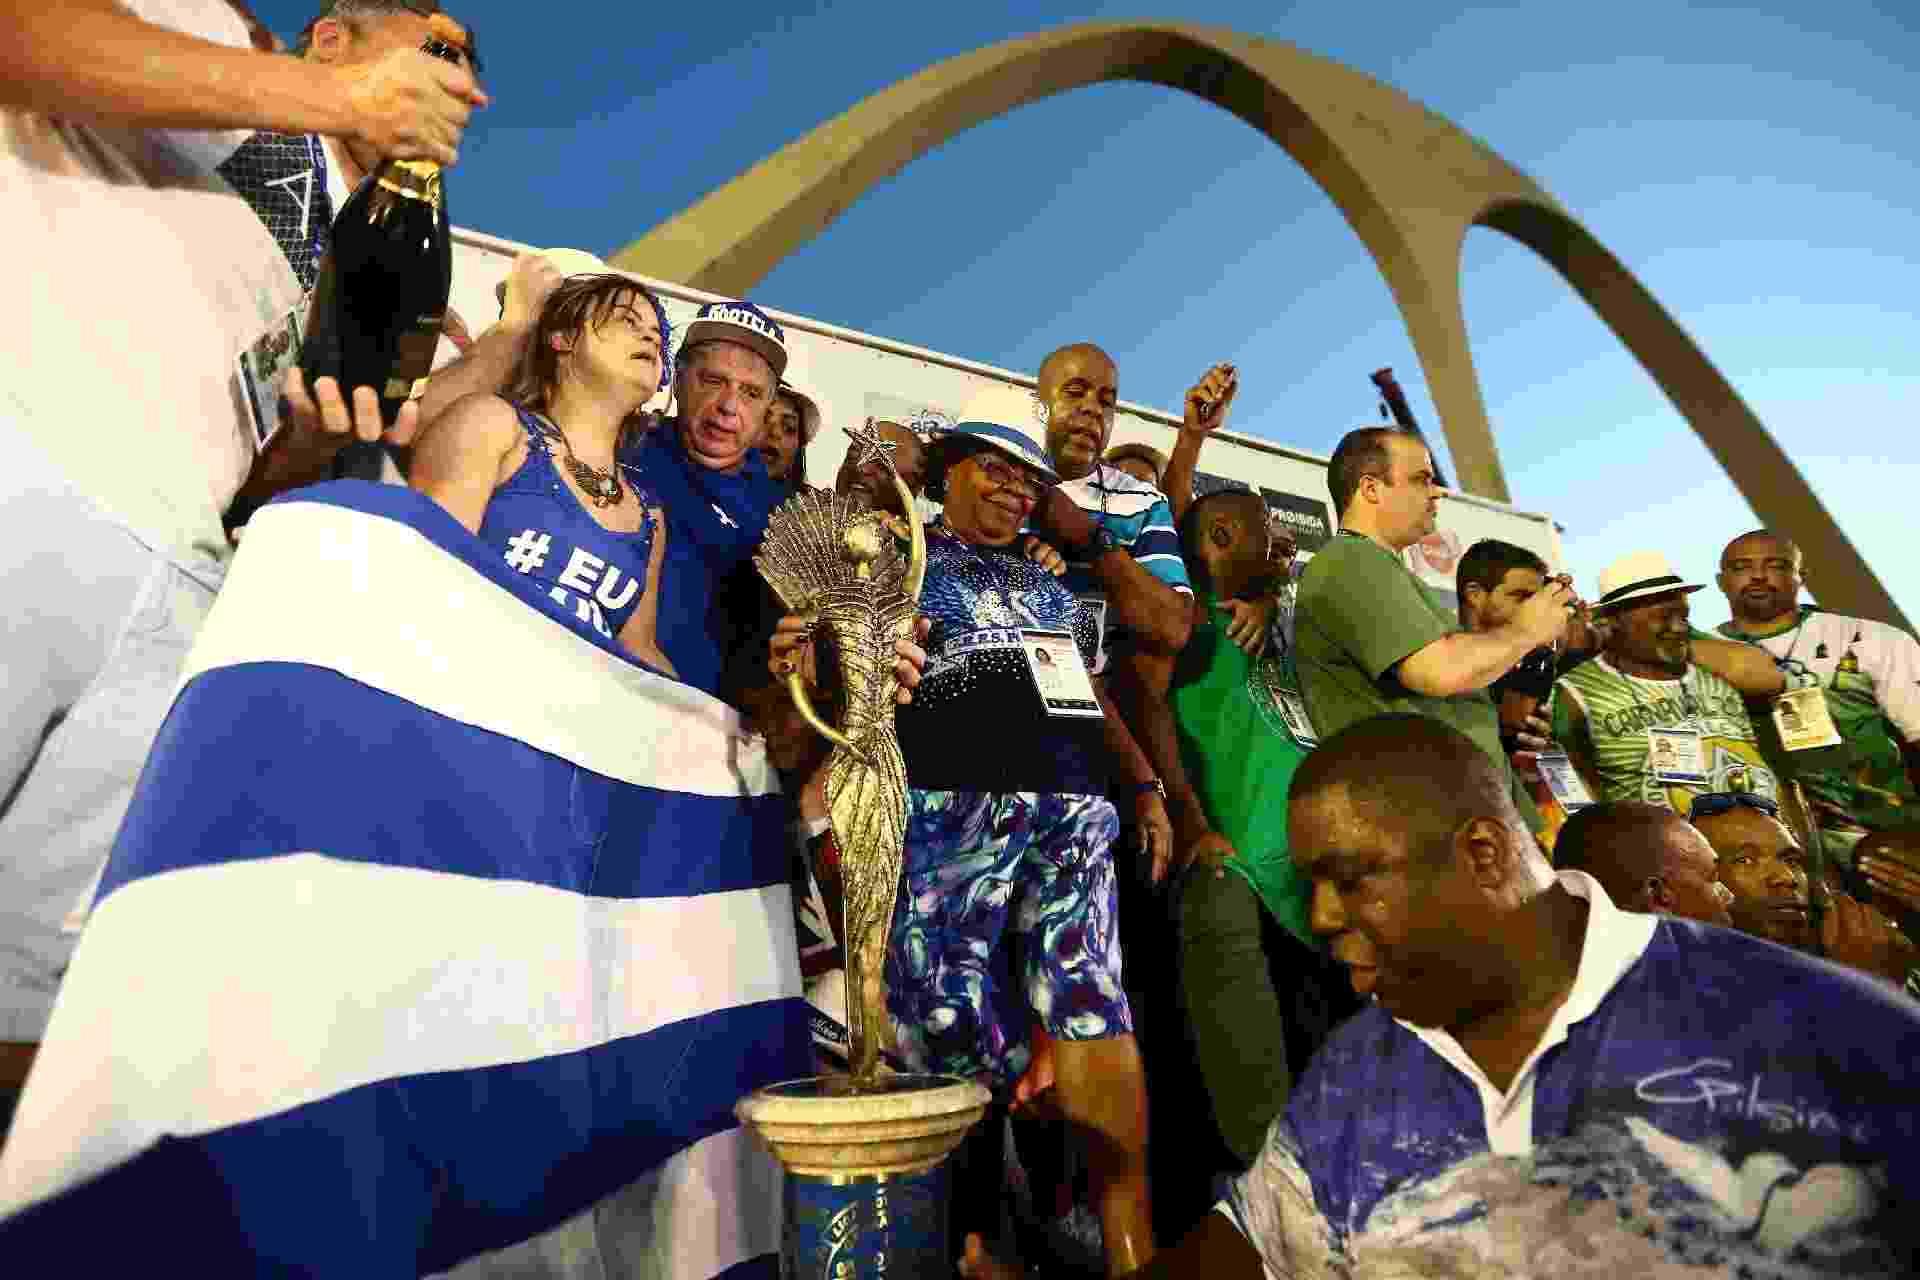 Portela é campeã do Carnaval do Rio de Janeiro e diretoria levanta taça - WILTON JUNIOR/ESTADÃO CONTEÚDO